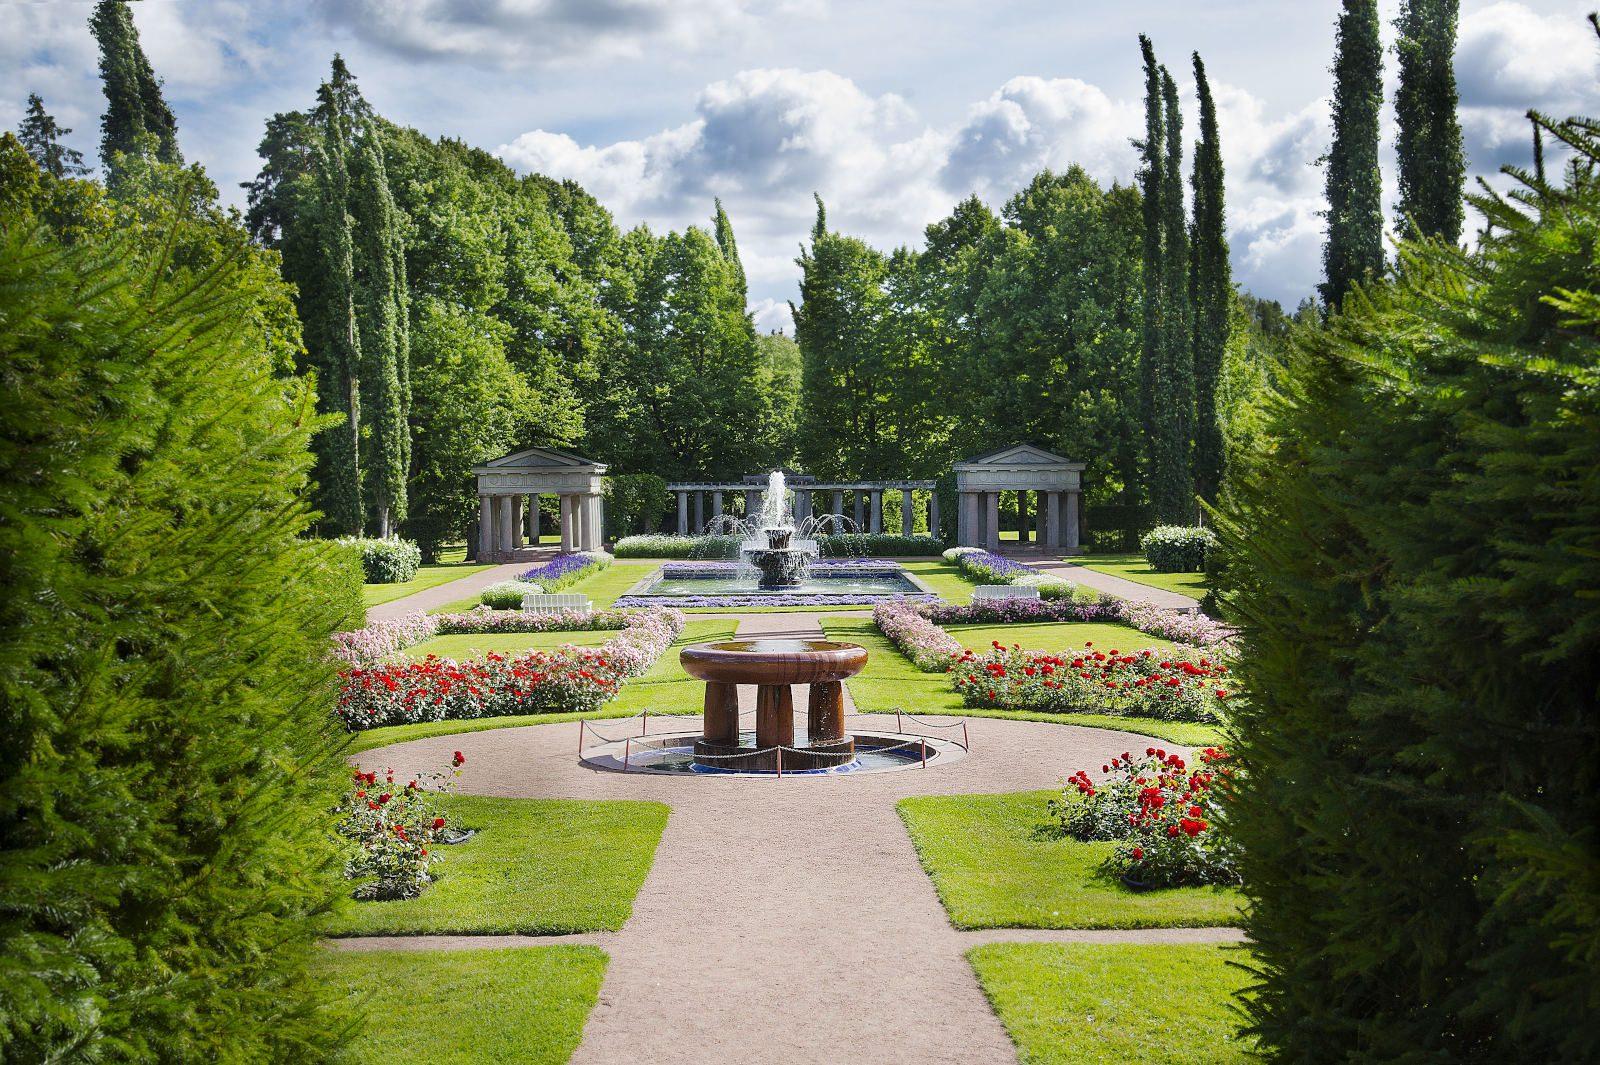 Kultarannan muotopuutarhan keskikäytävä, kaksi suihkulähdettä ja iso paviljonki taustalla. Kuvaa reunastaa kuusiaidat ja kukkaistutukset. Taivas on pilivinen.